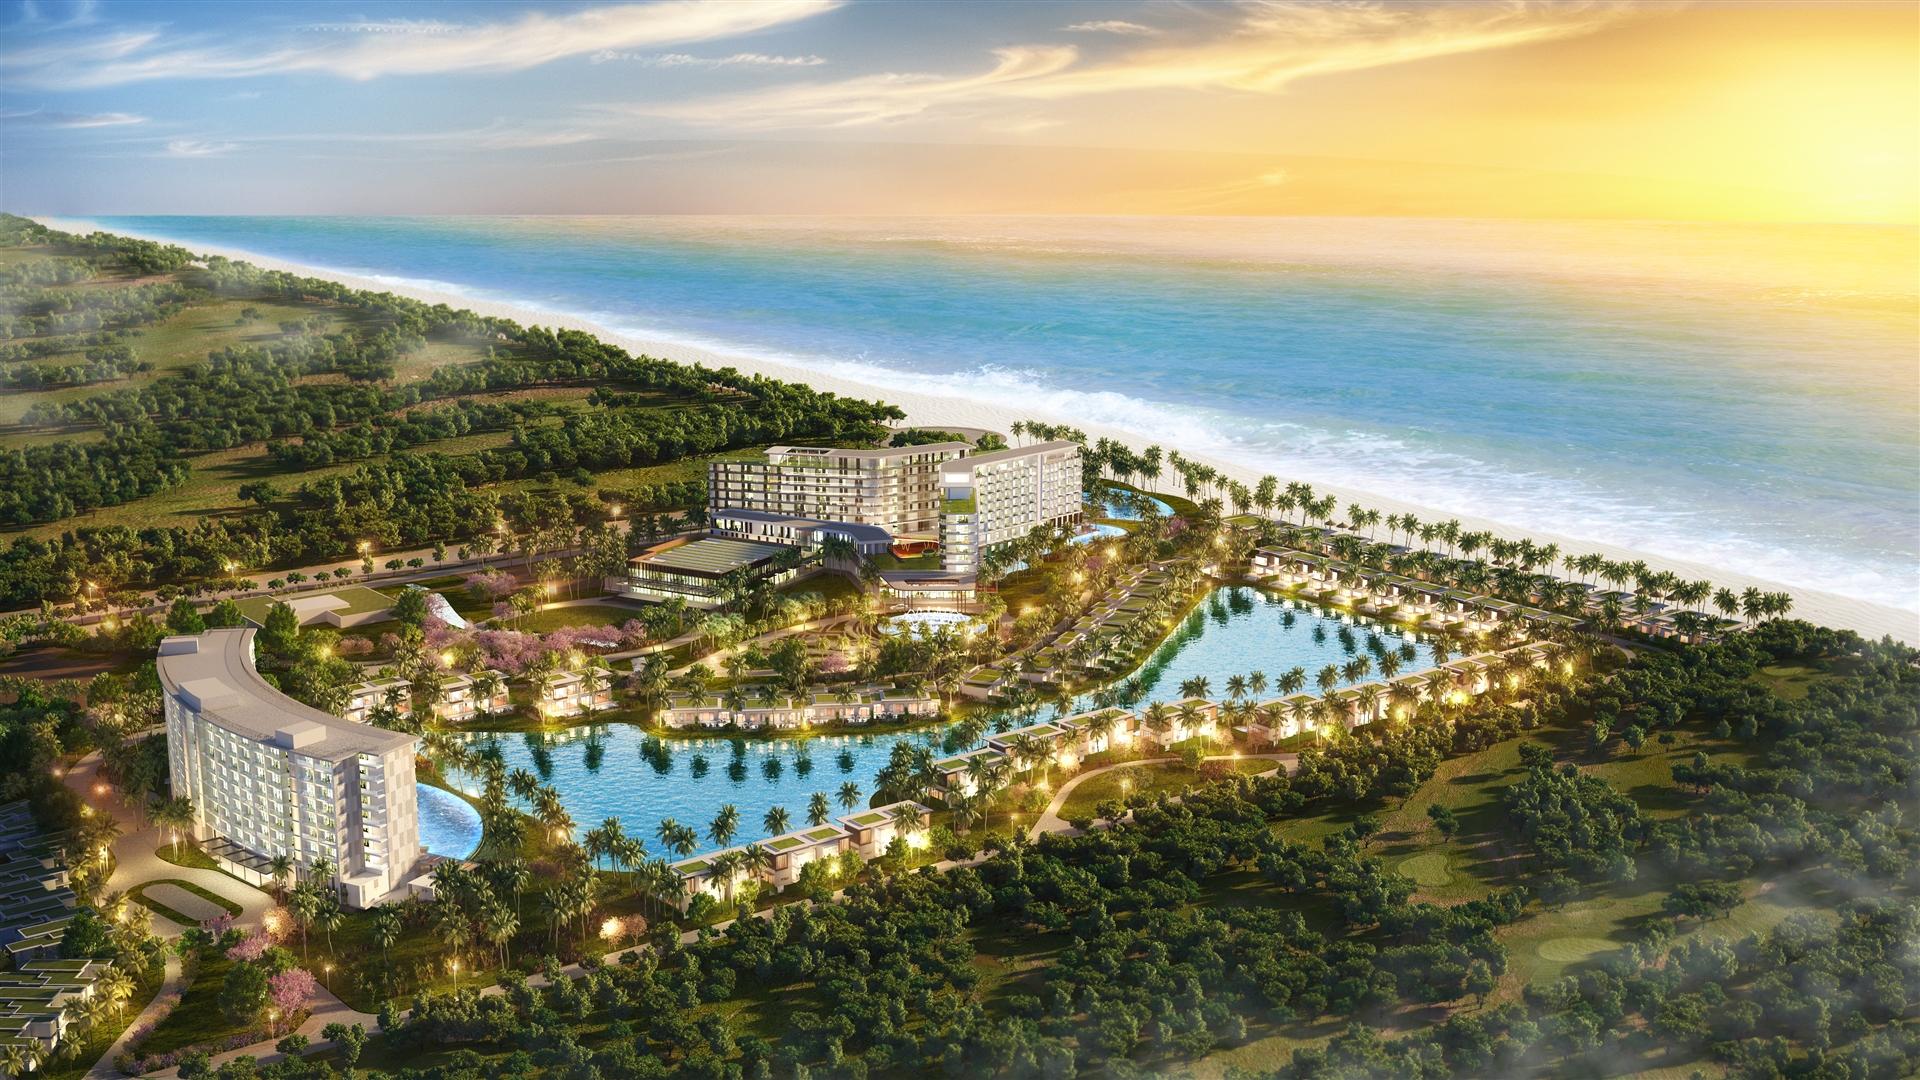 Dự án ven biển tốt nhất Đông Nam Á - Movenpick Resort Waverly Phú Quốc